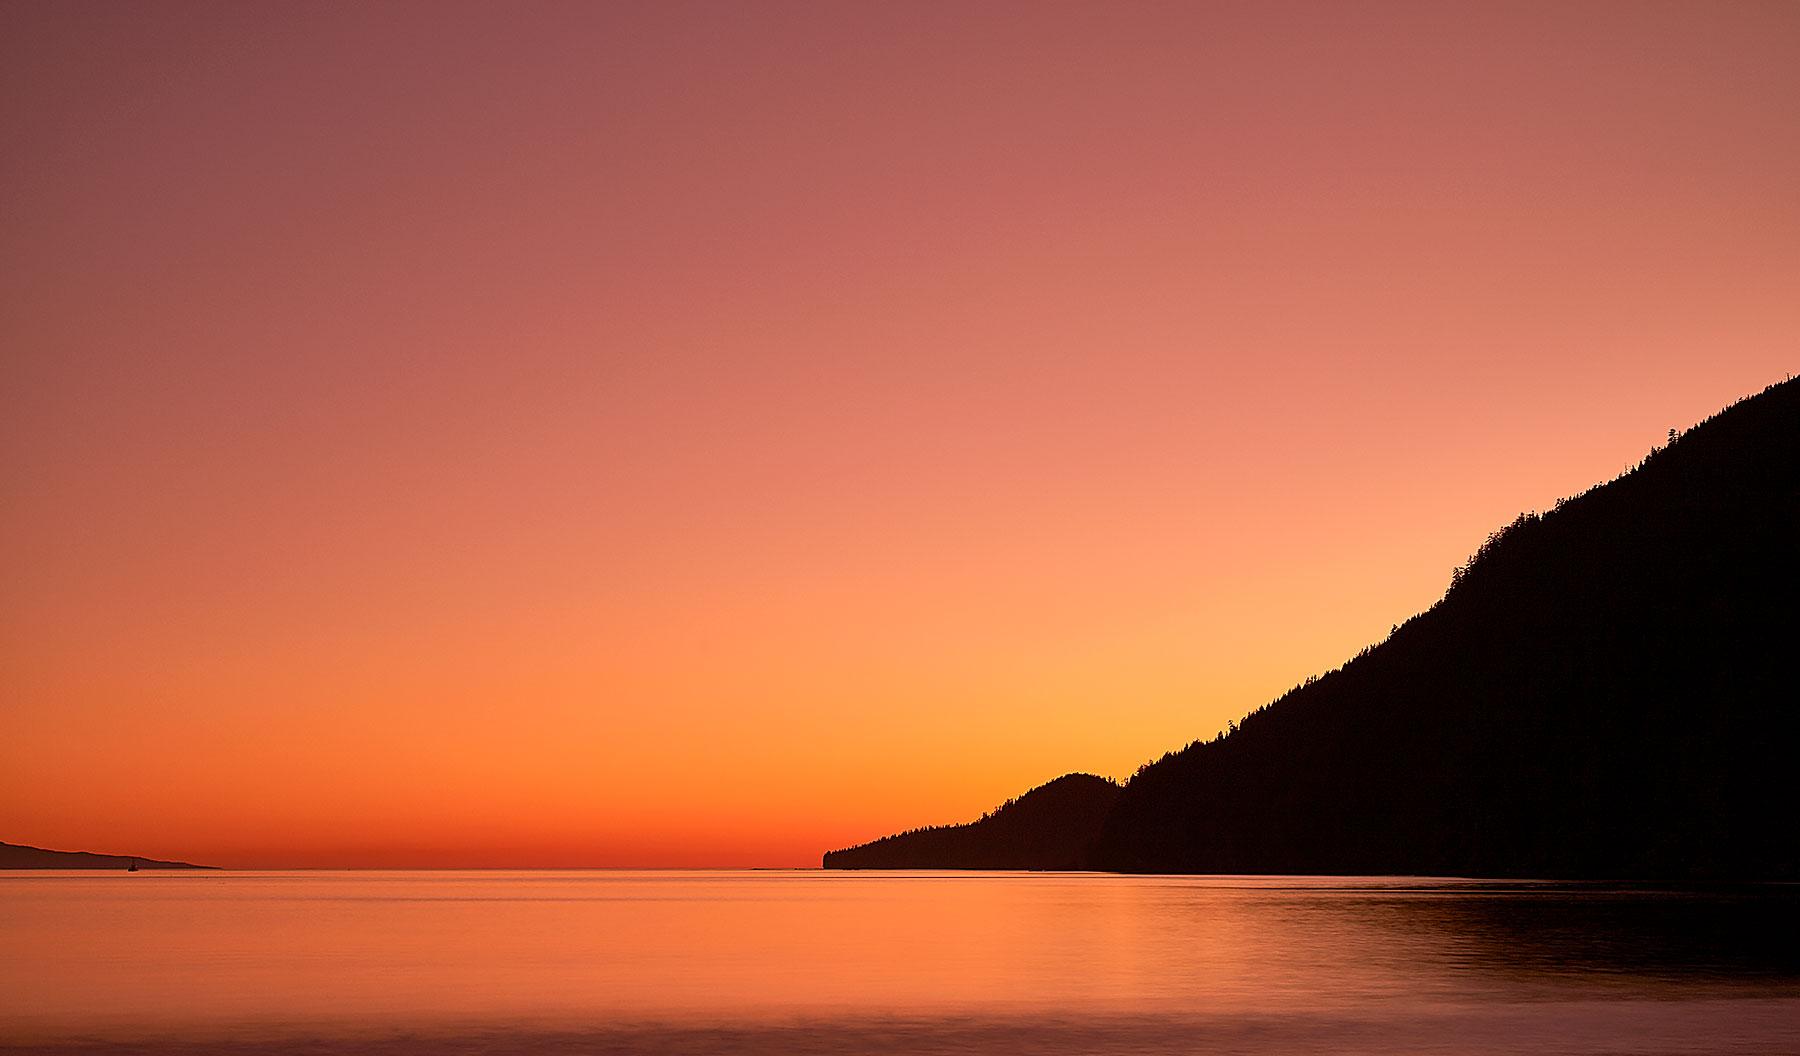 Port Renfrew Sky ©johncameron.ca